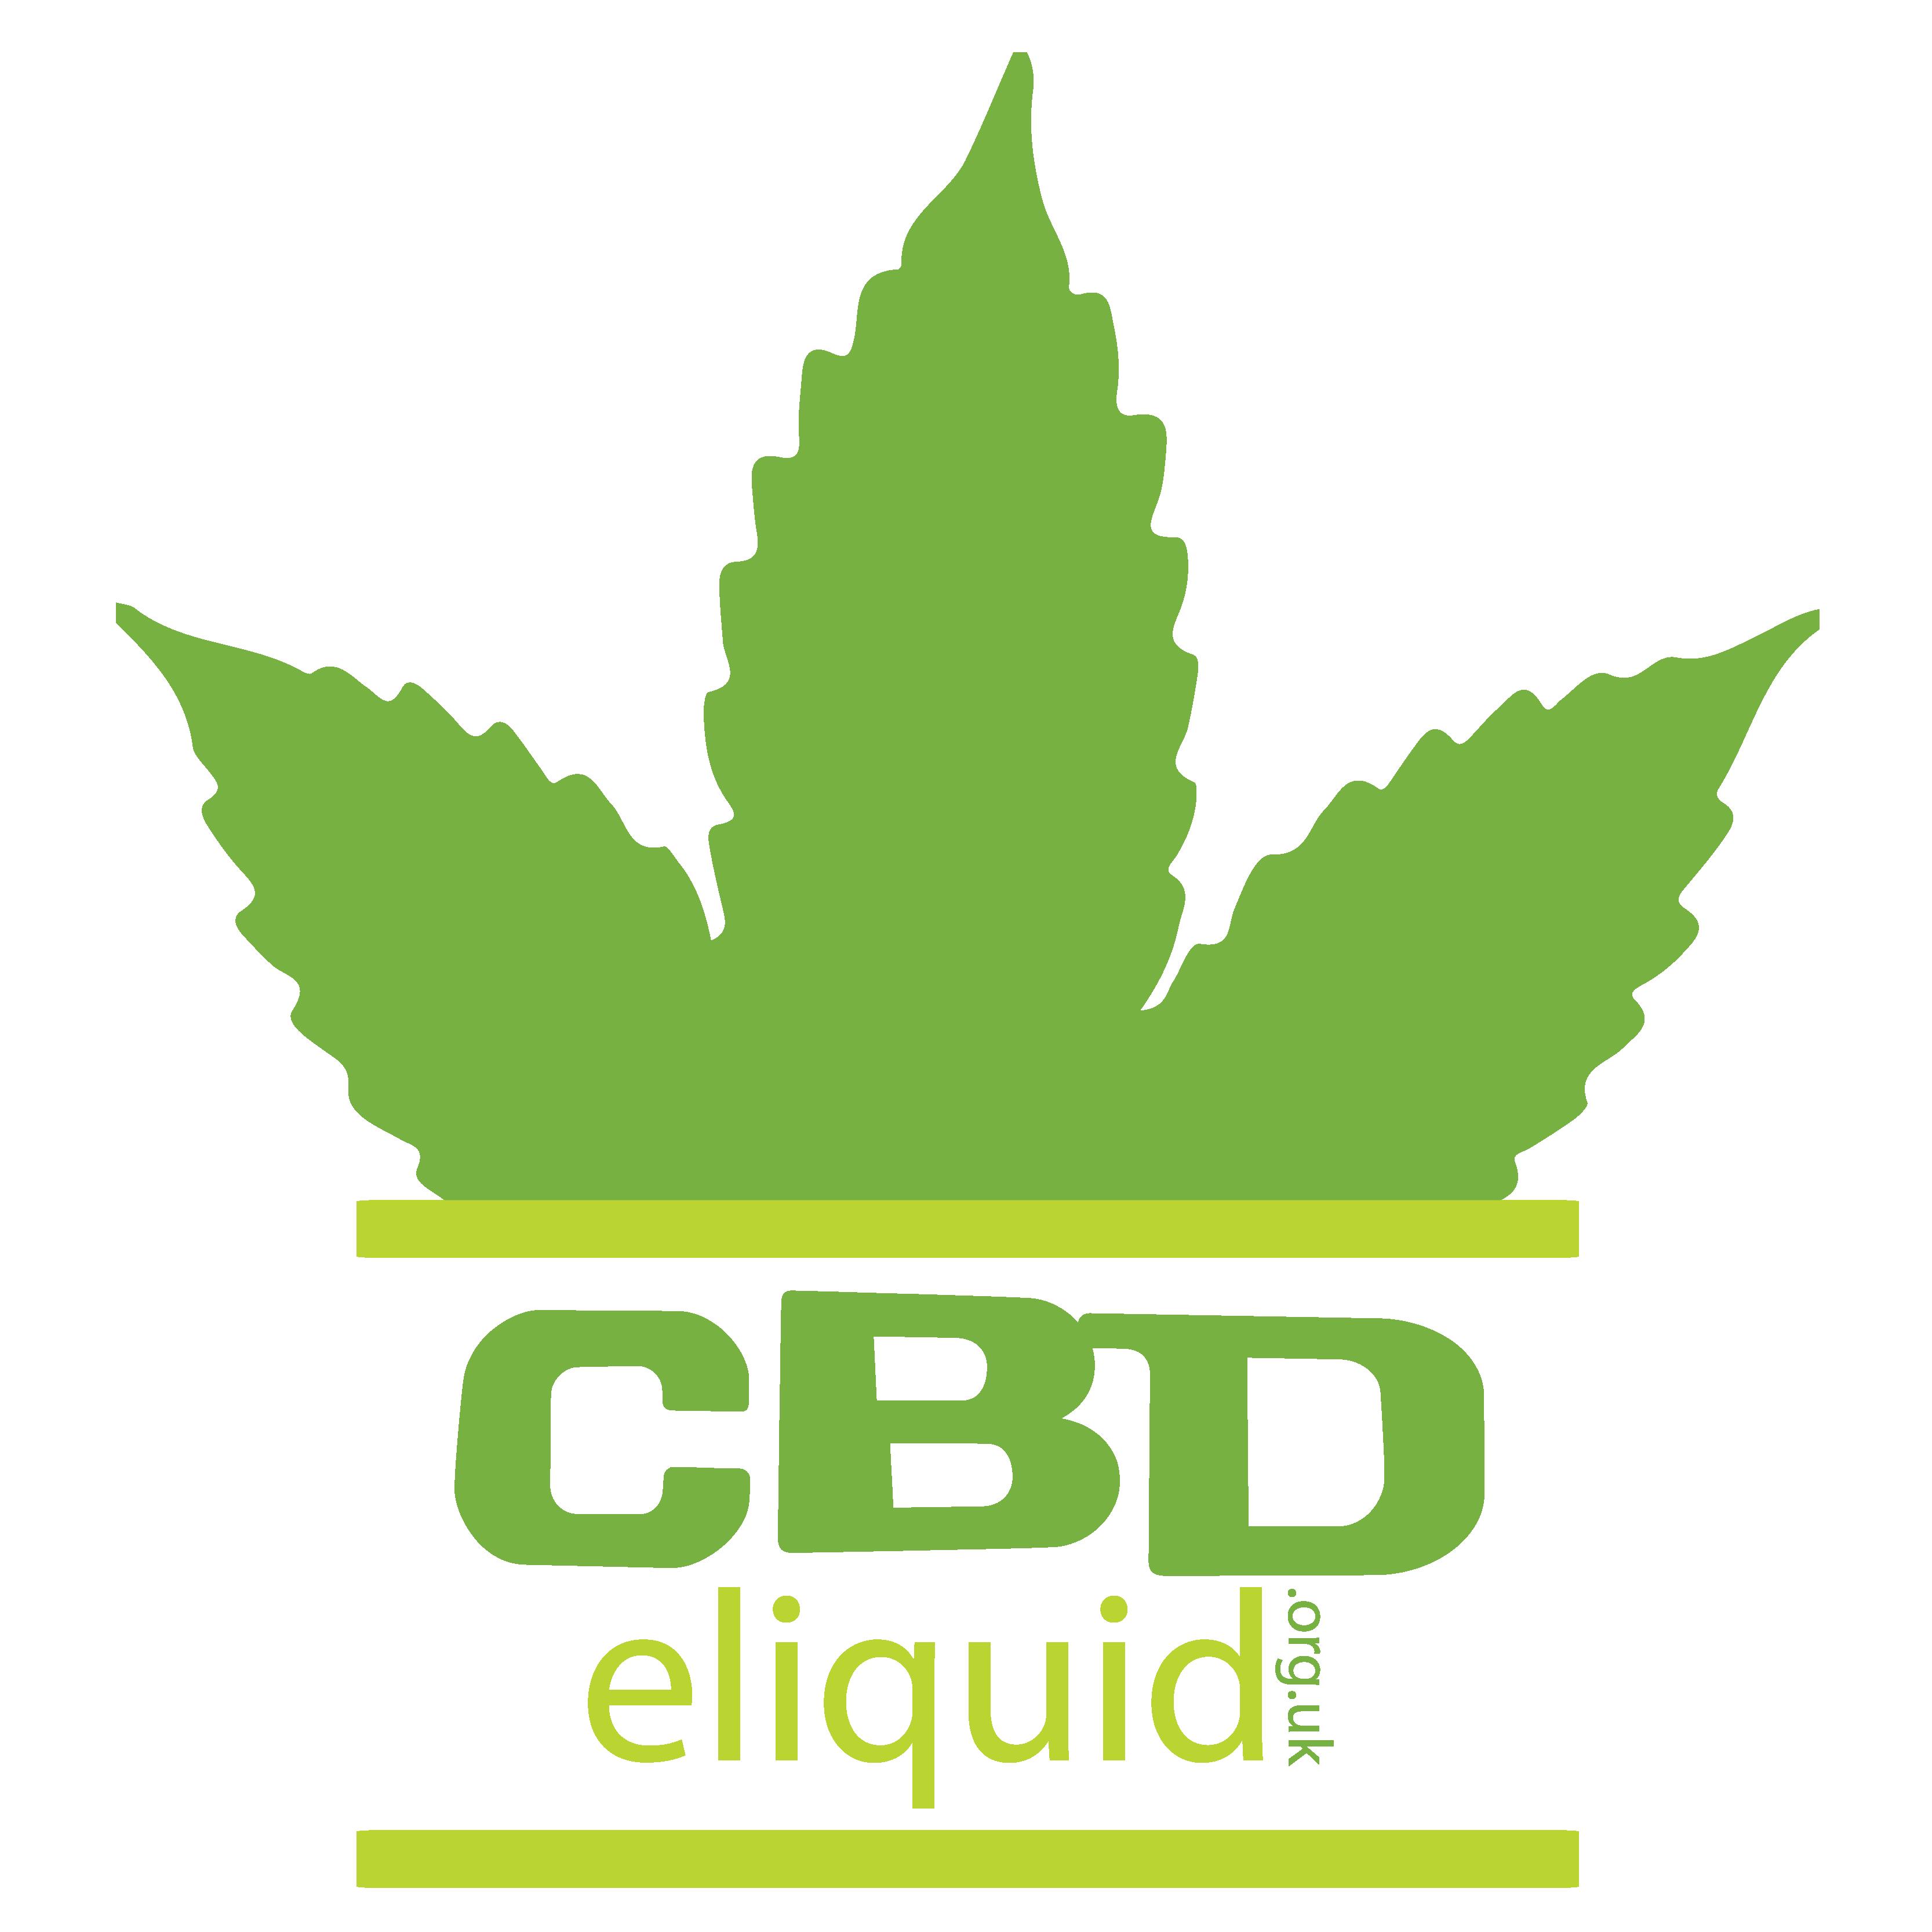 Cbdeliquid